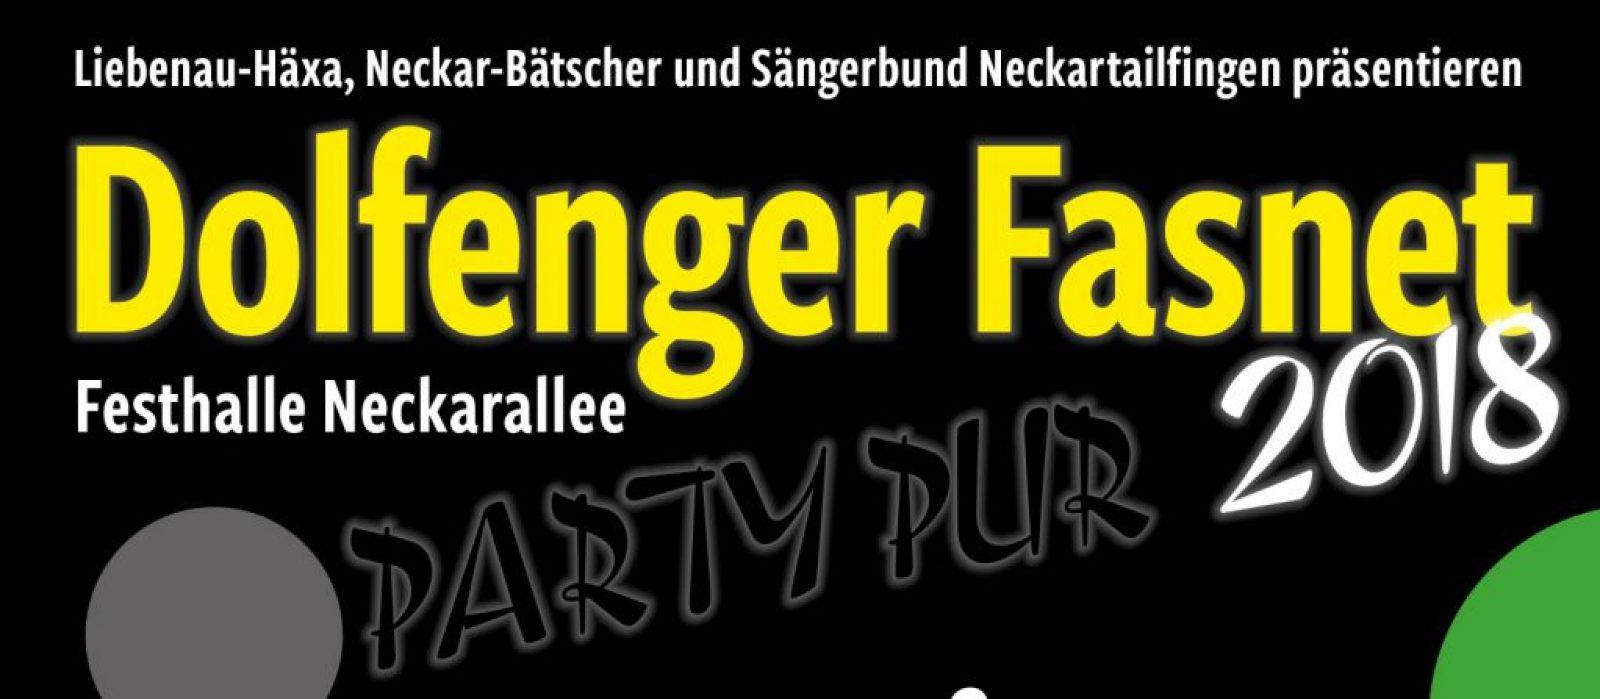 Dolfenger Fasnet 2018